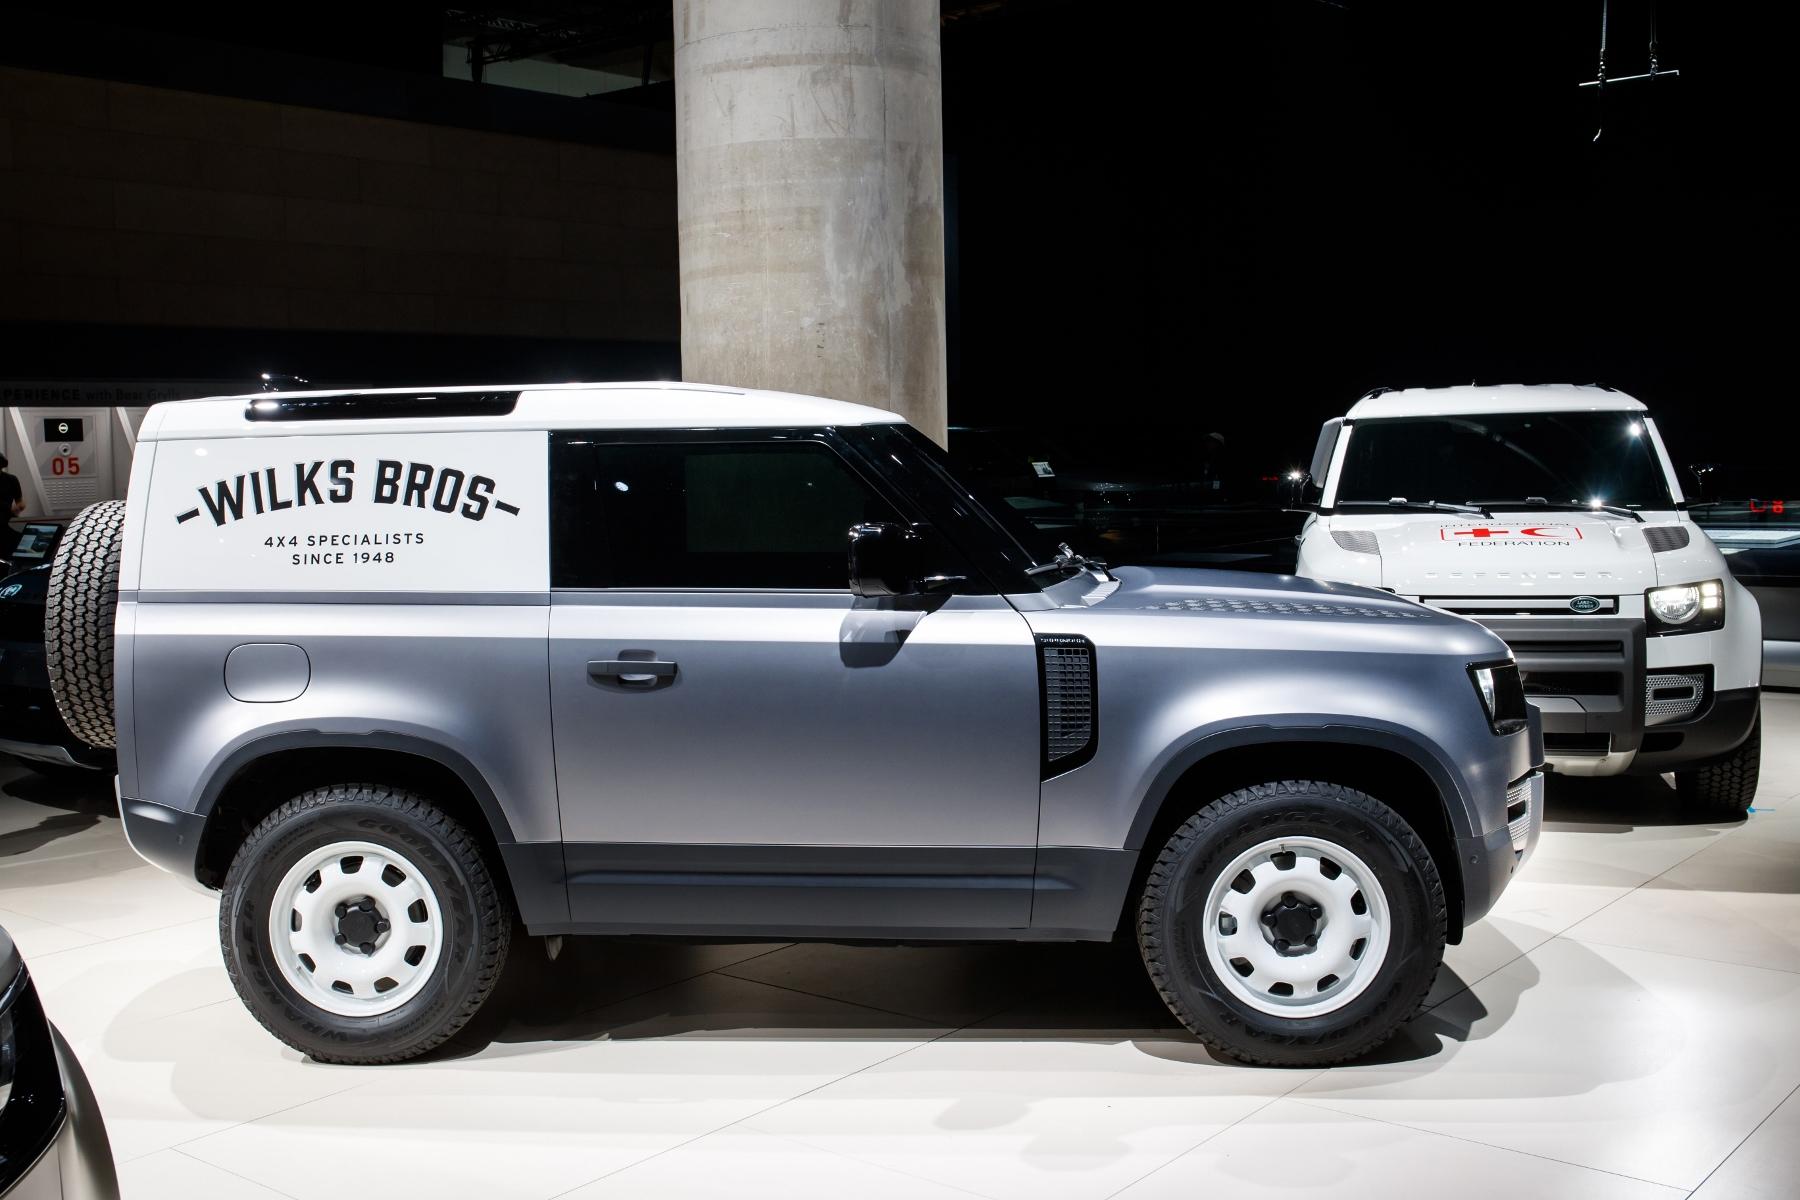 Nový Land Rover Defender prichádza v úžitkovej verzii Hard Top vPr15o54Ye 7lrdefhardtopfrankfurt01-1